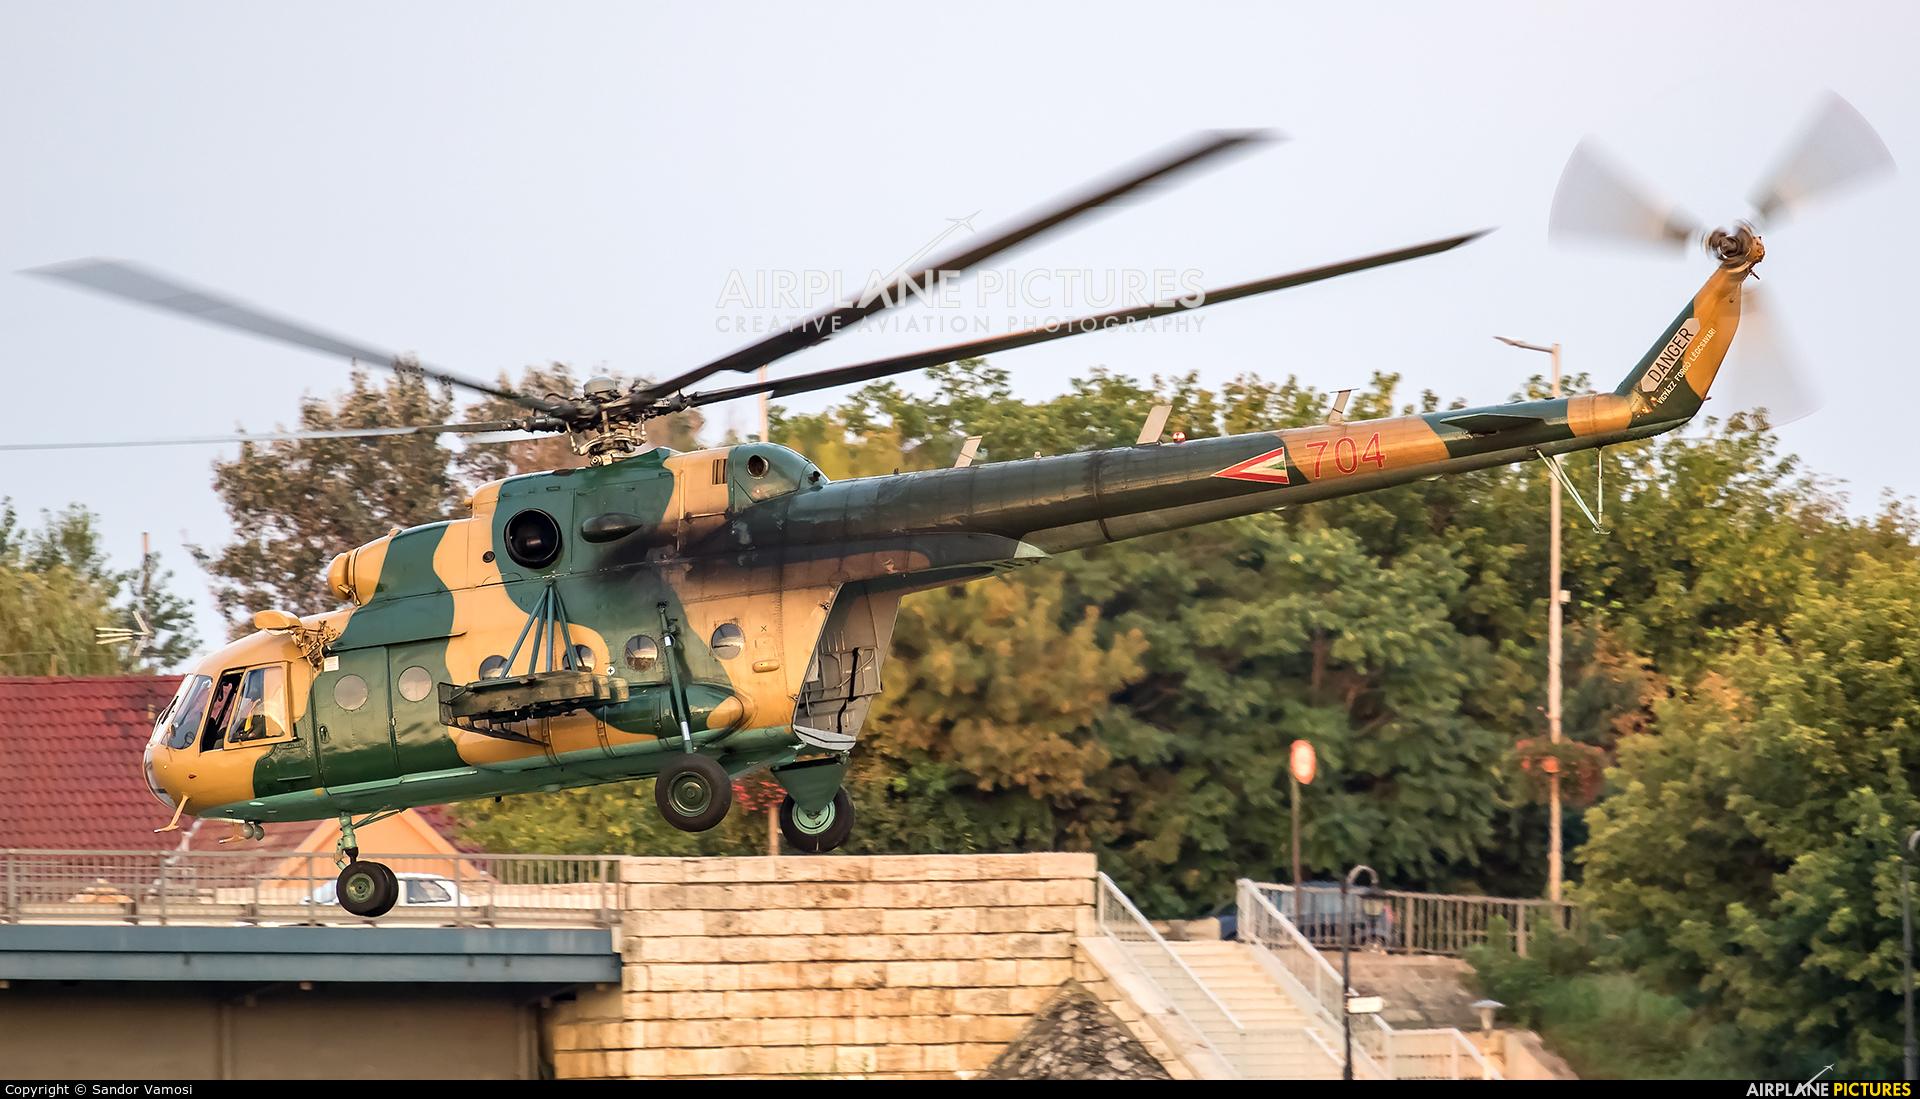 Hungary - Air Force 704 aircraft at Off Airport - Hungary